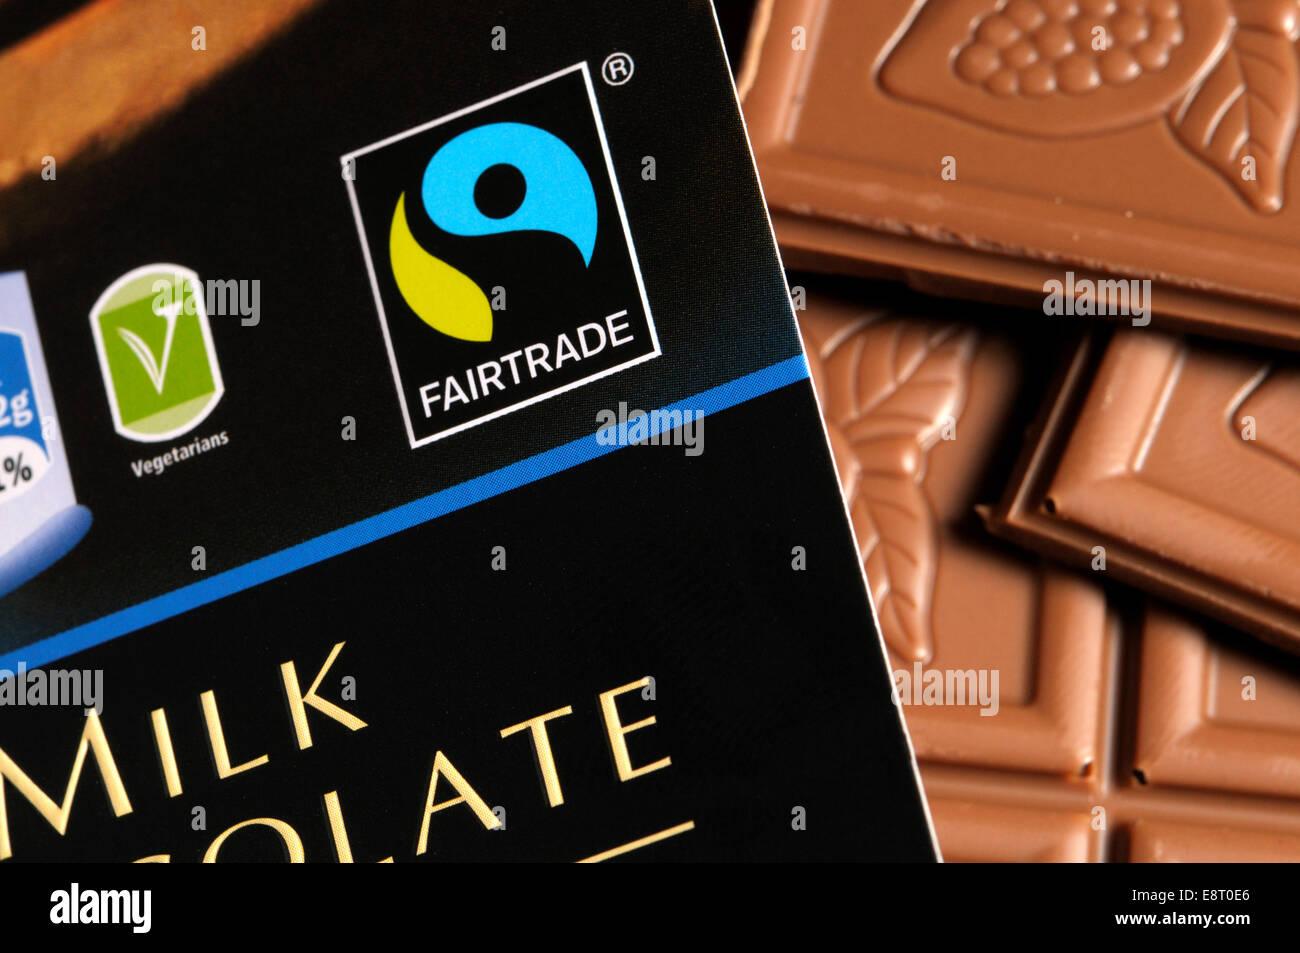 Fairtrade cioccolato al latte Immagini Stock